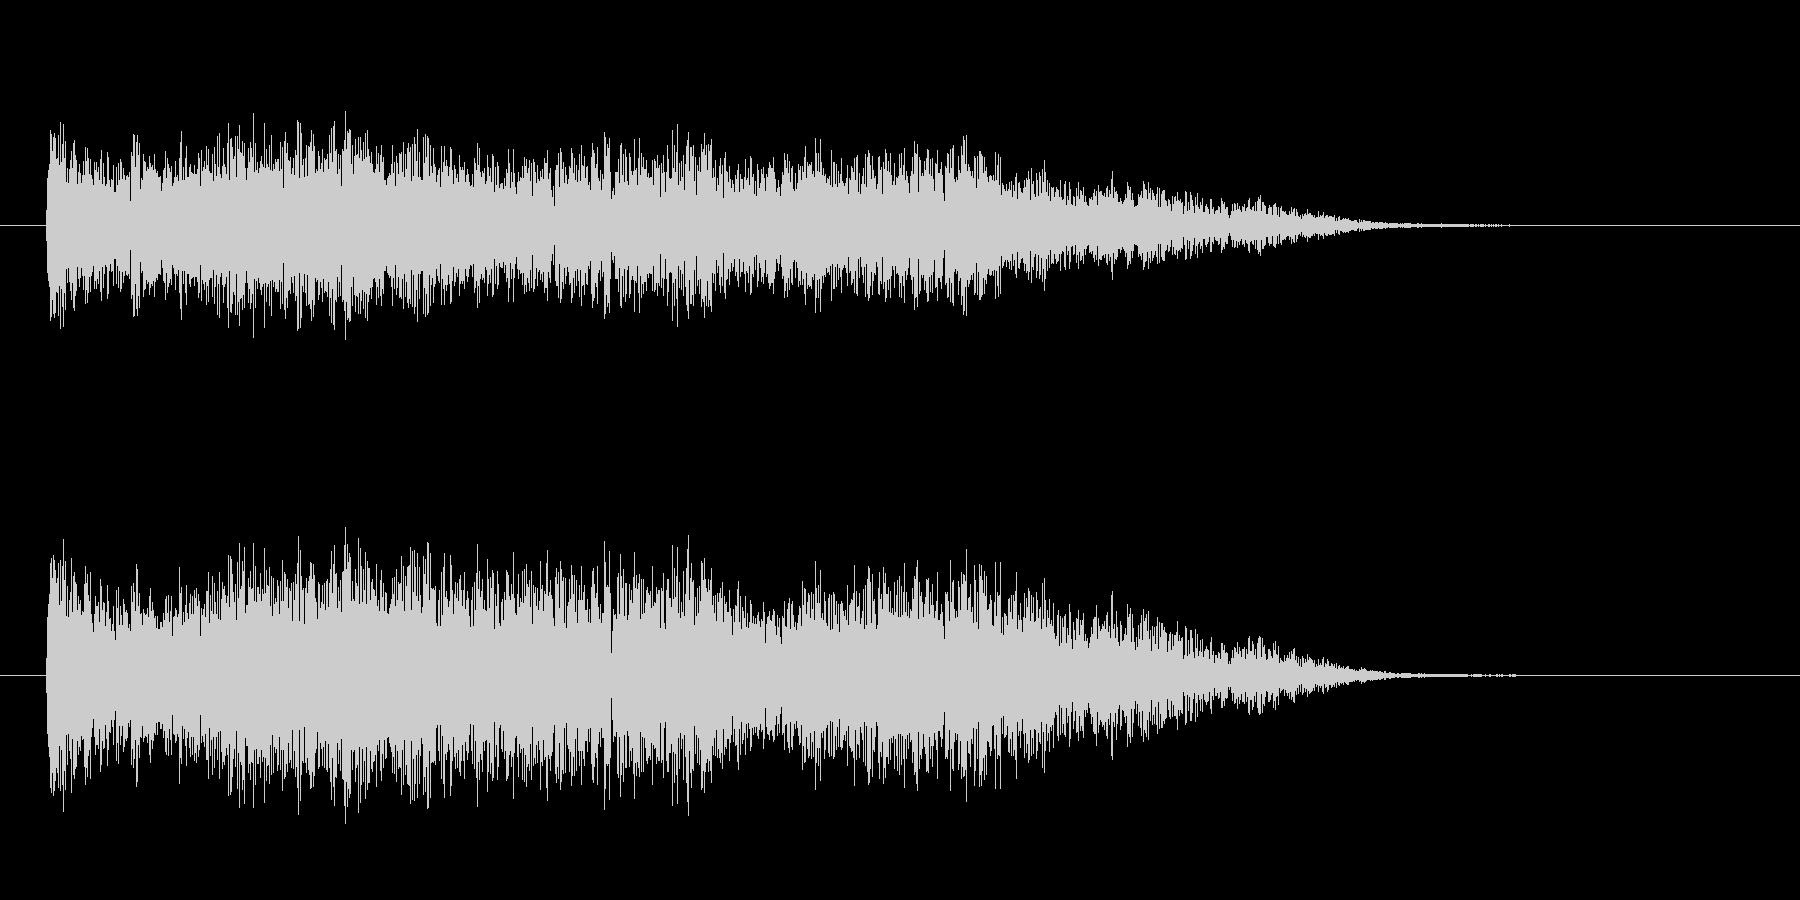 恐怖を演出する鍵盤楽器の不協和音の未再生の波形